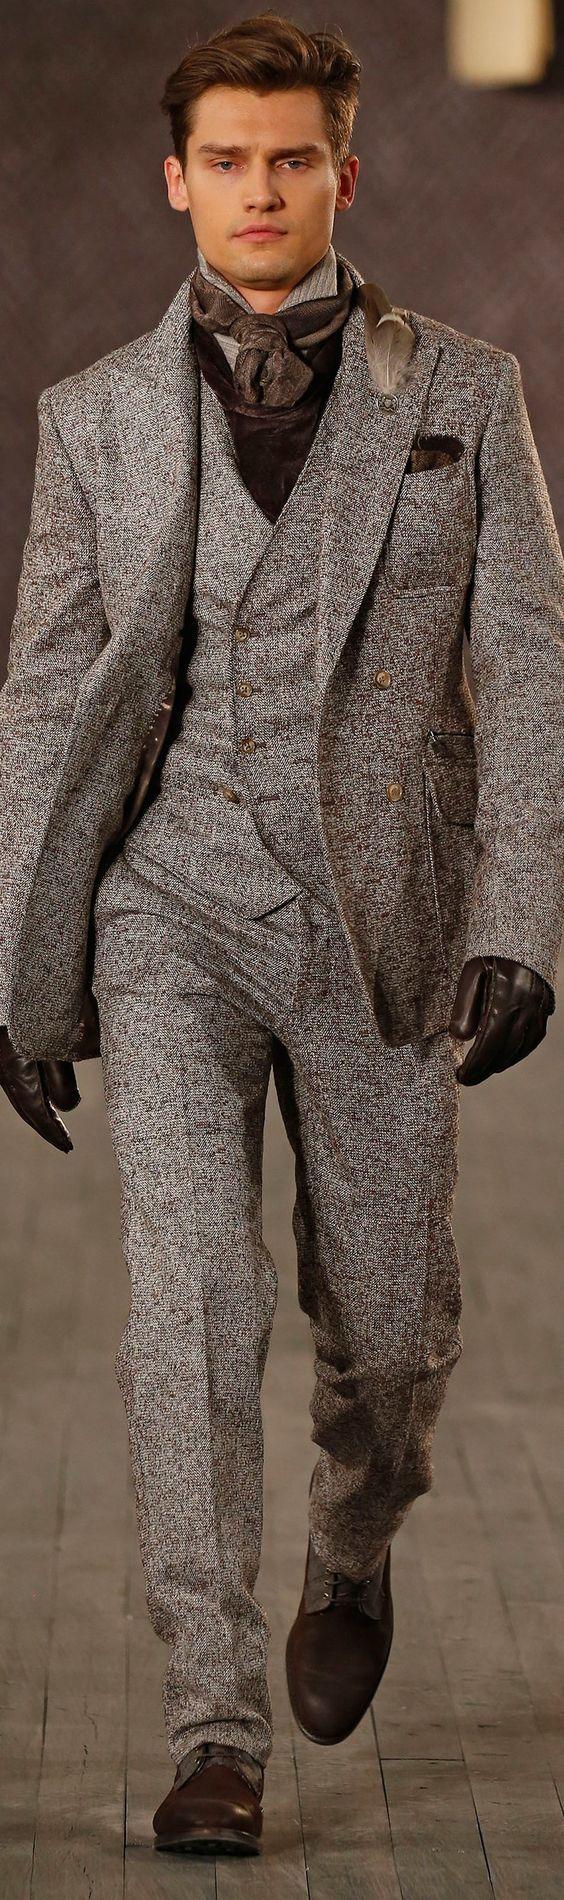 Joseph Abboud Fall 2016 , Fashion show details ...repinned für Gewinner!  - jetzt gratis Erfolgsratgeber sichern www.ratsucher.de